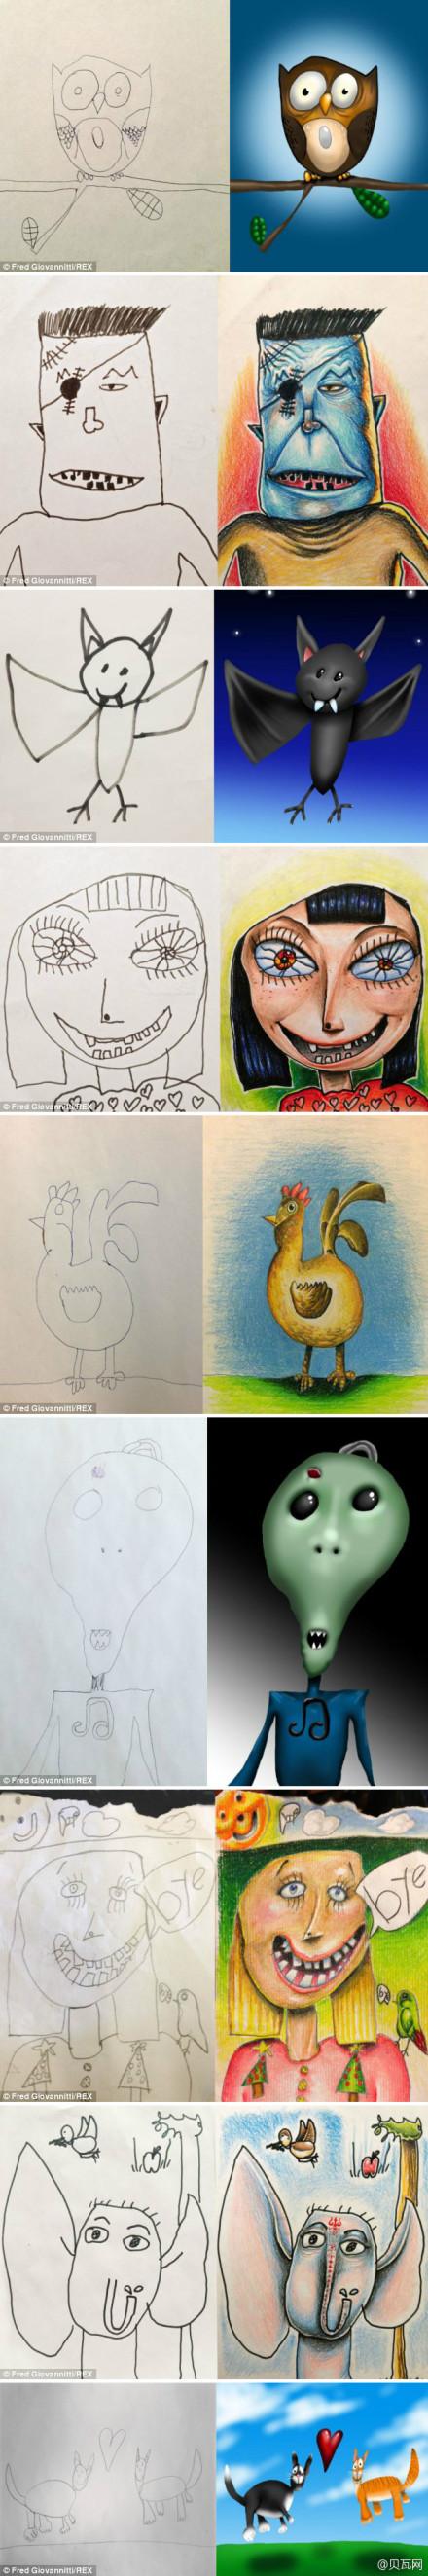 父亲将孩子简笔画上色描绘成精美插图